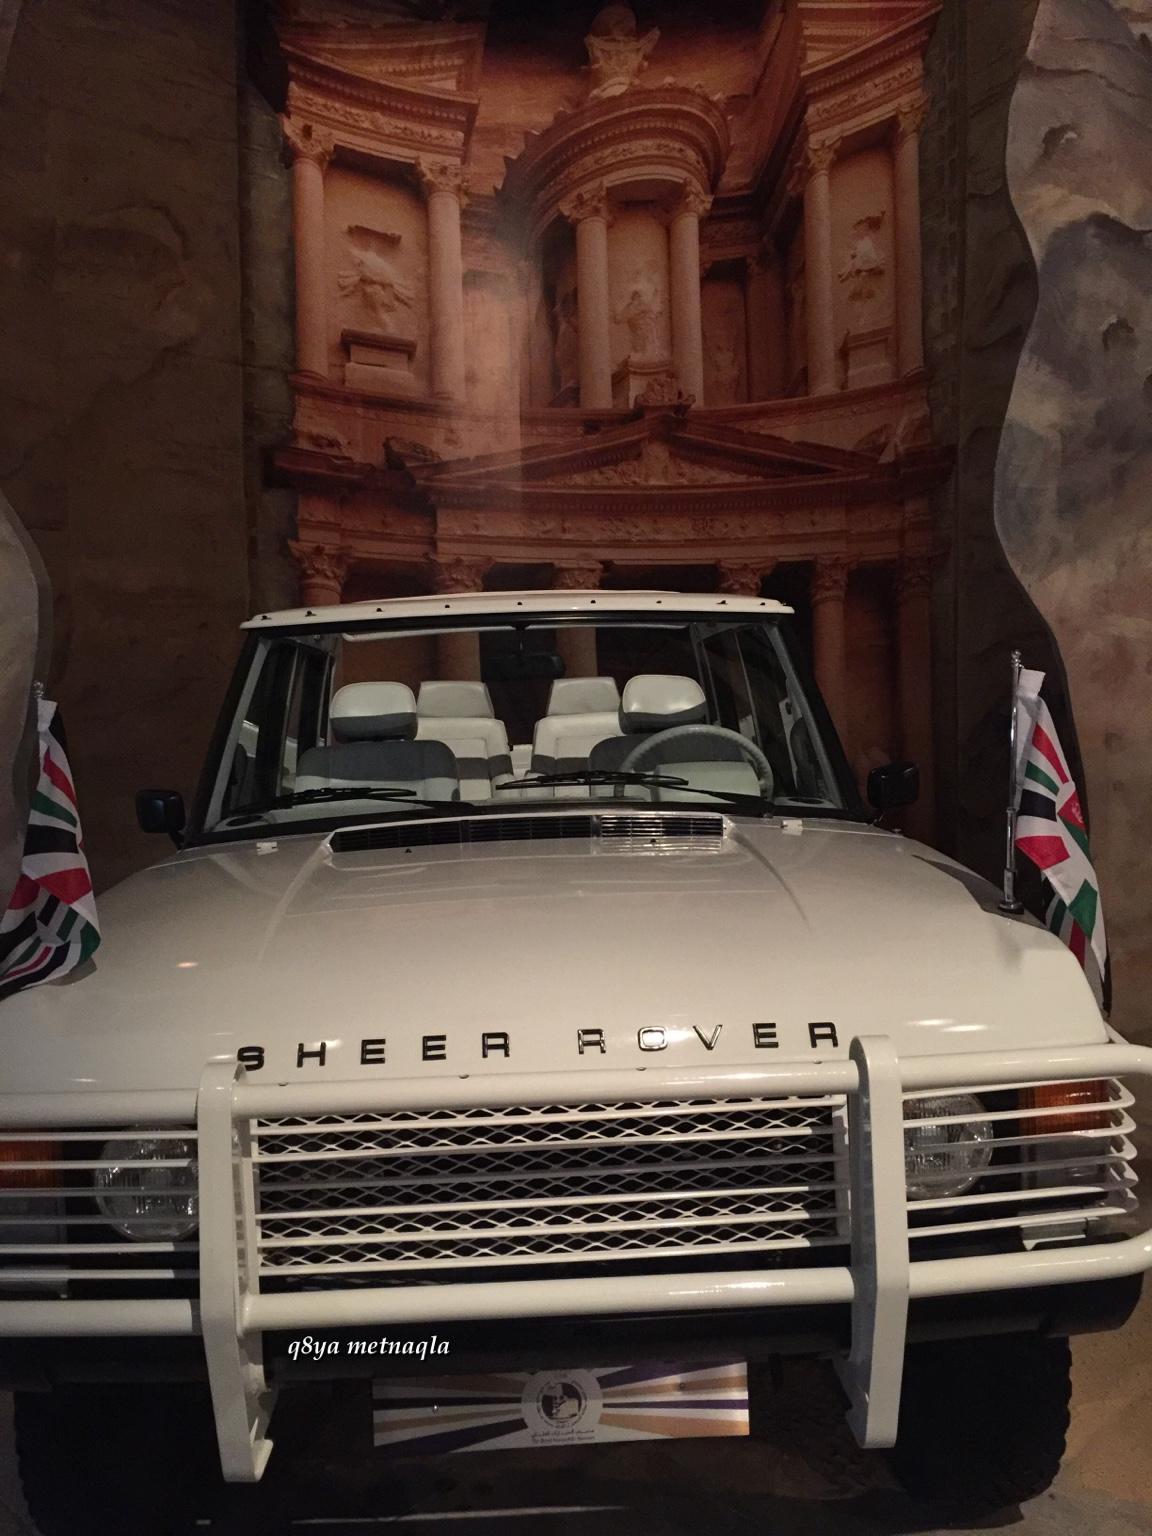 639198 المسافرون العرب ارض النشامى